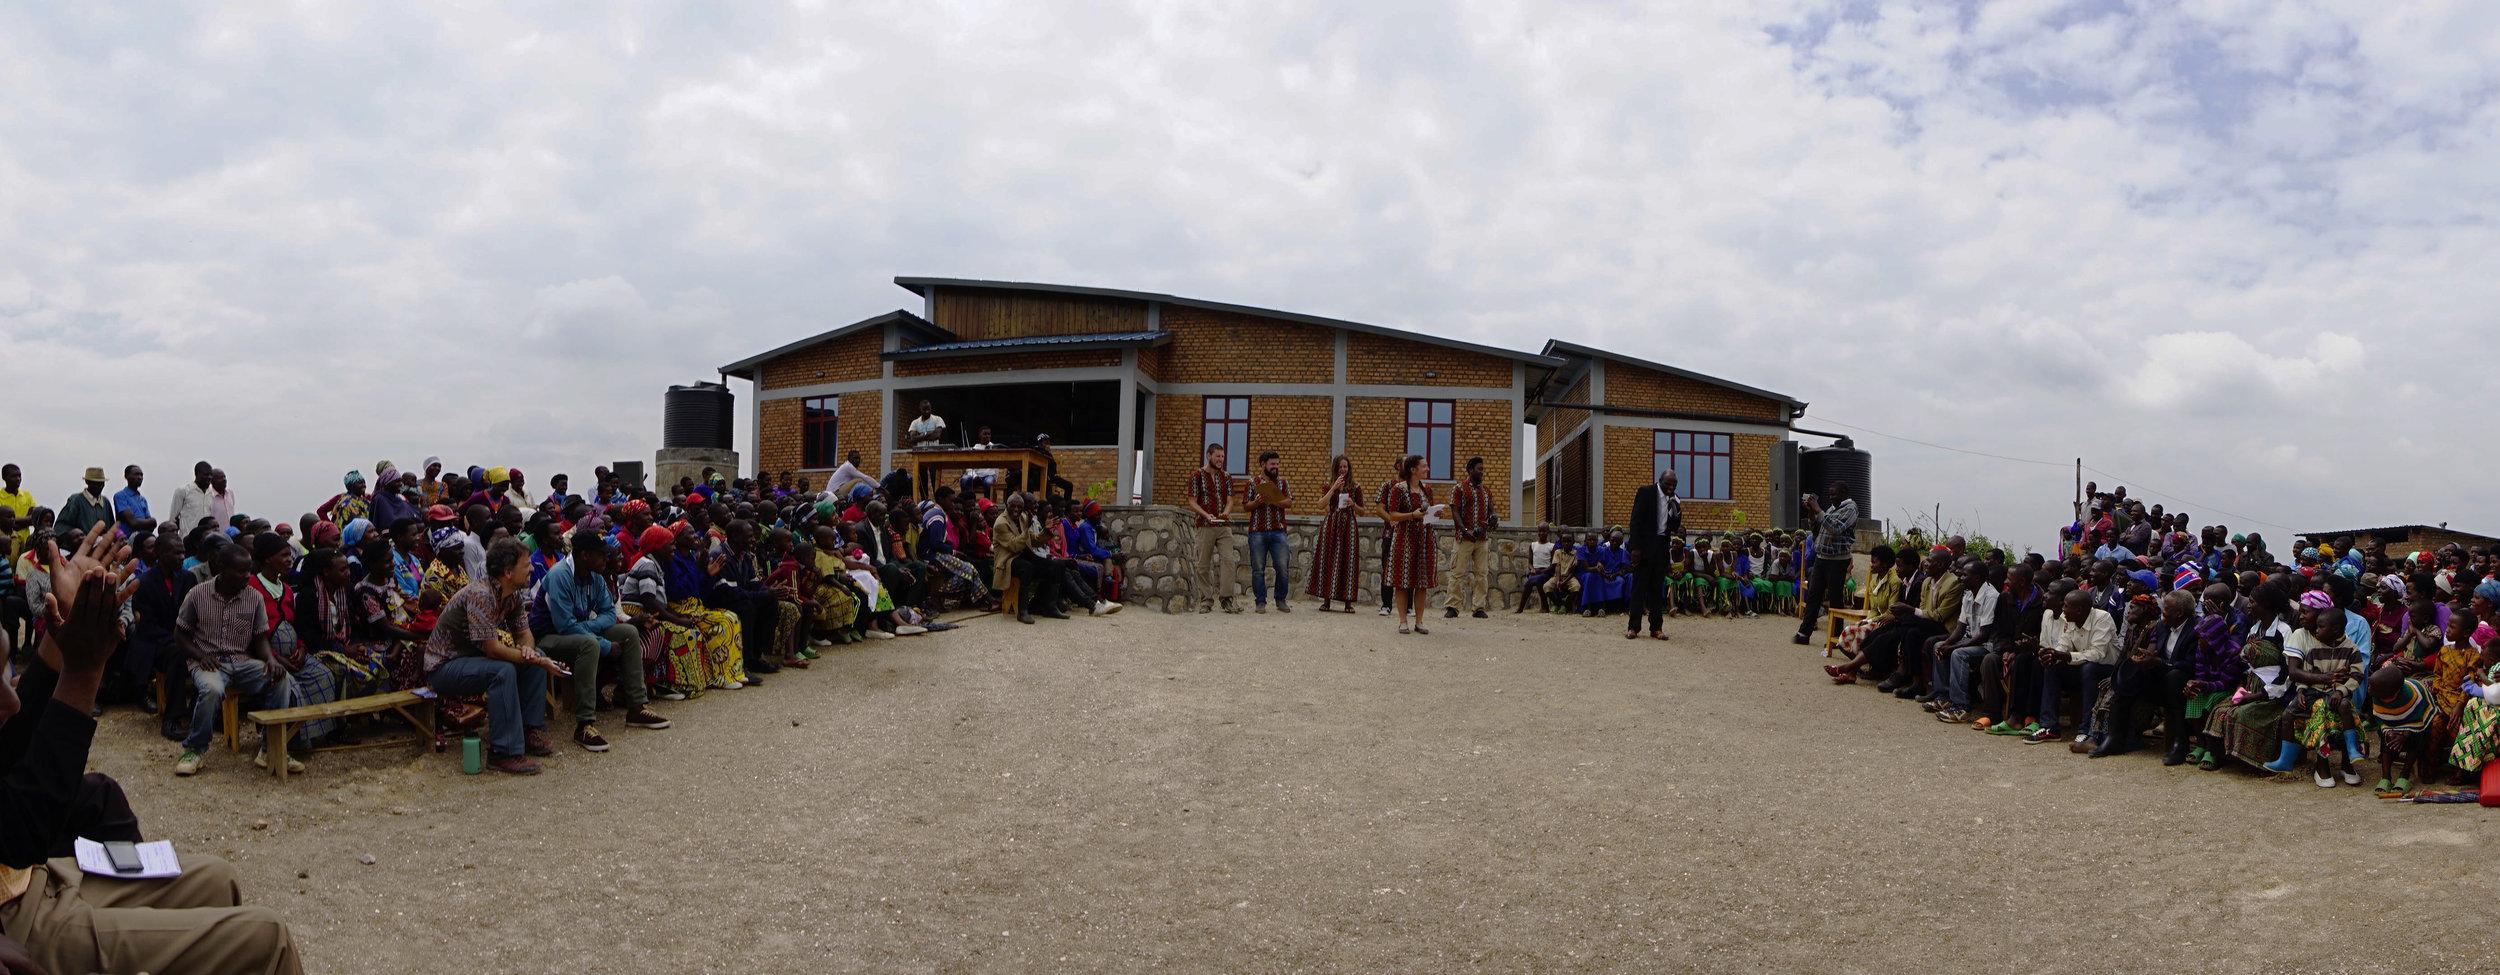 Discours équipe_Témoignage PRÉCI_Fondation Tourisme Jeunesse